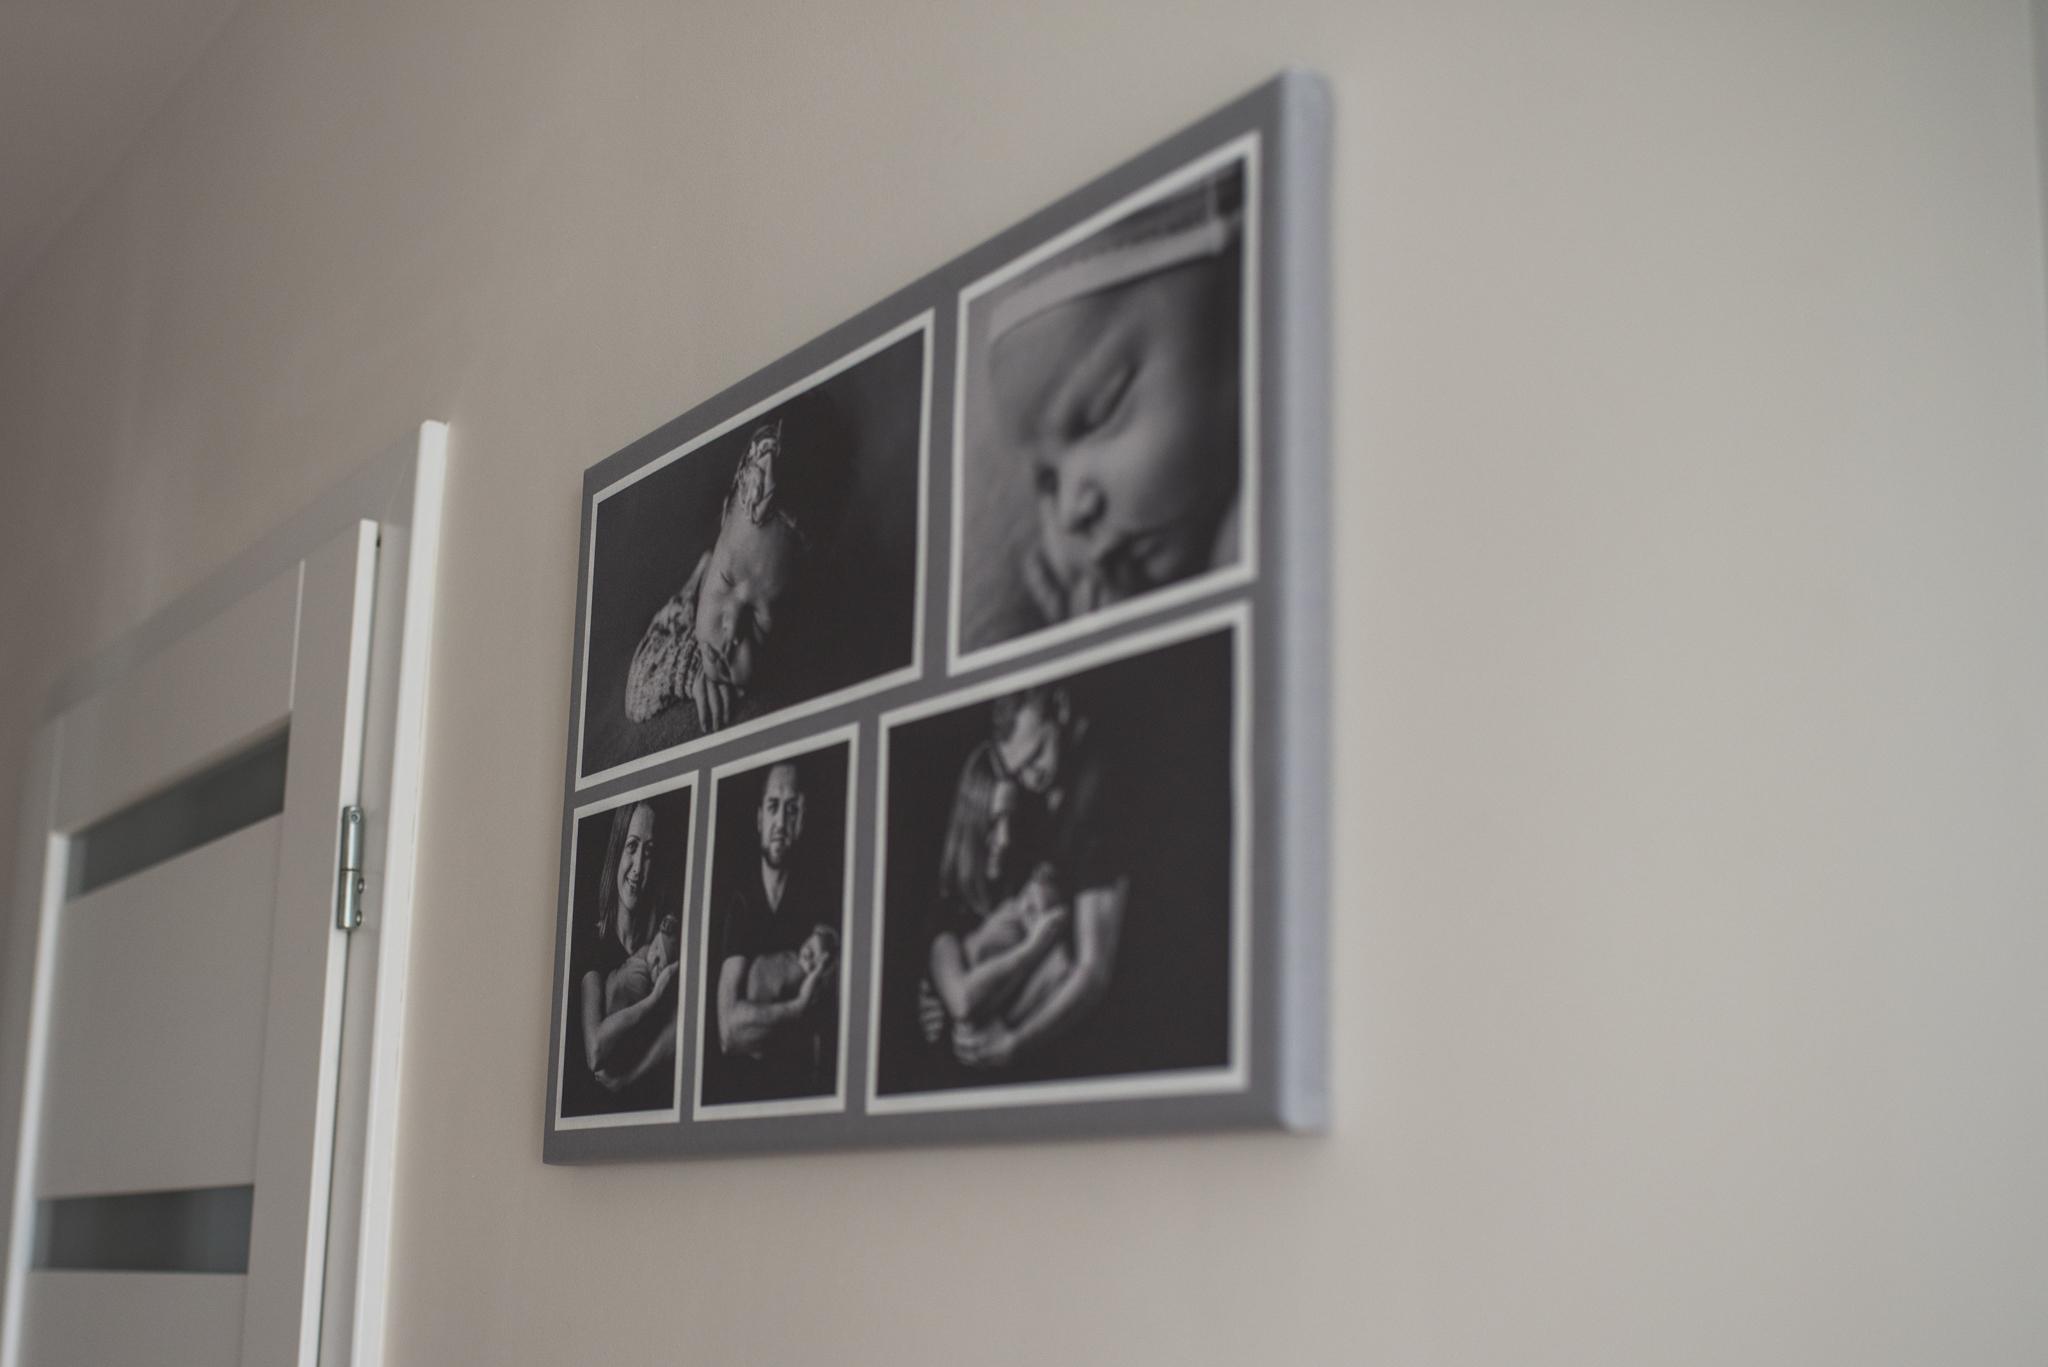 rodzinne zdjęcia na ścianie